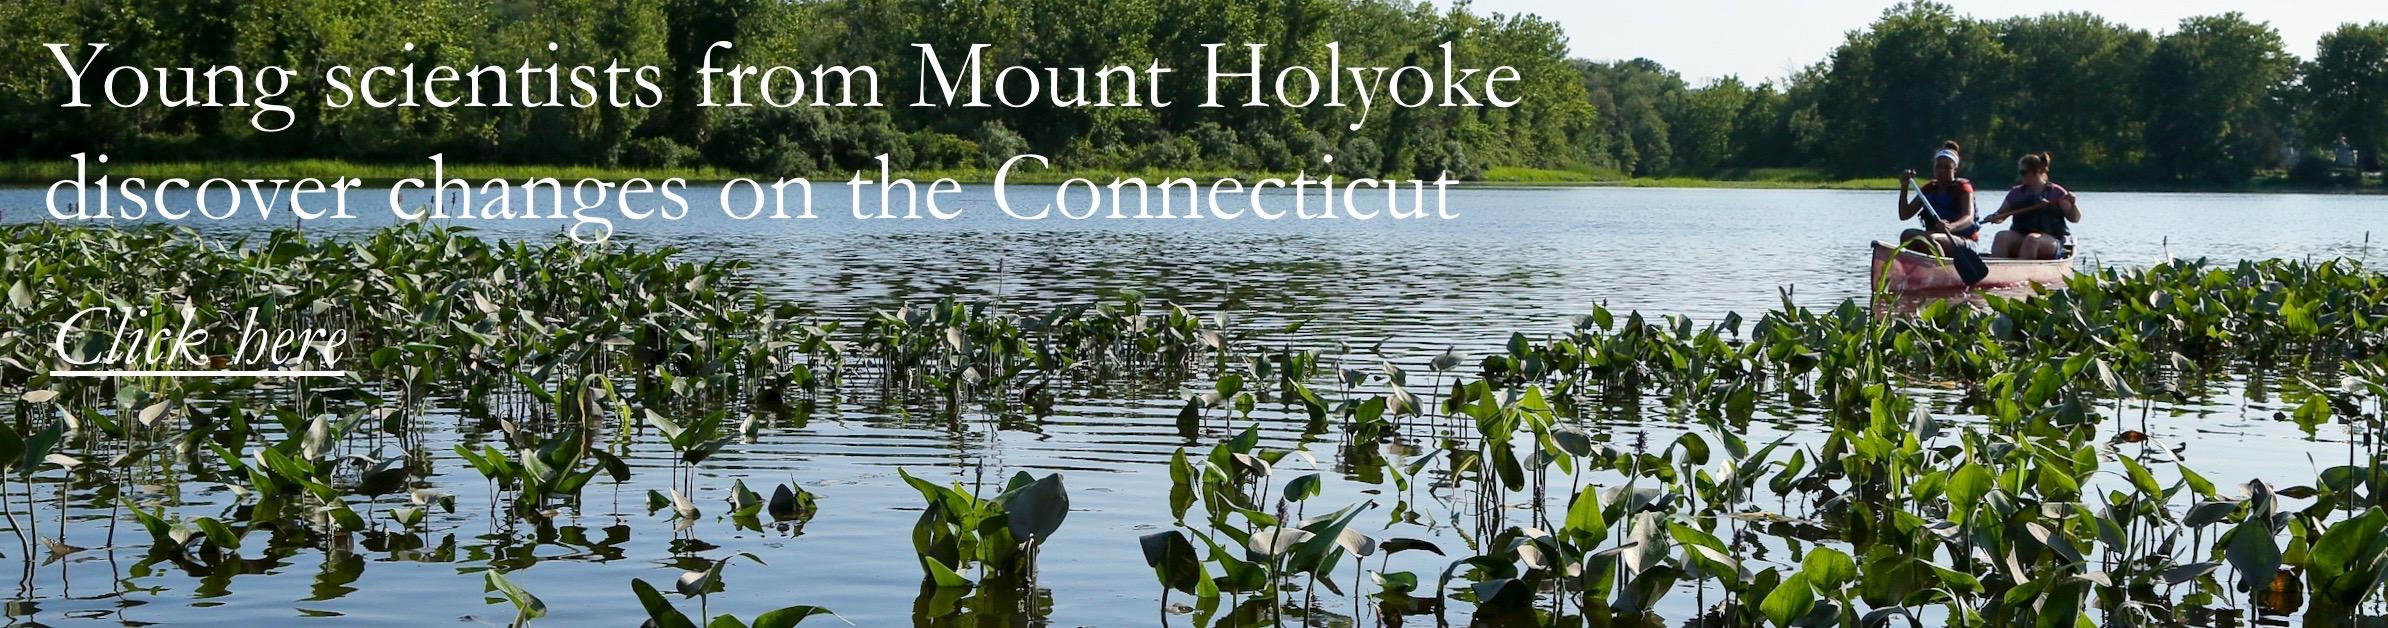 mount holyoke canoe landscape